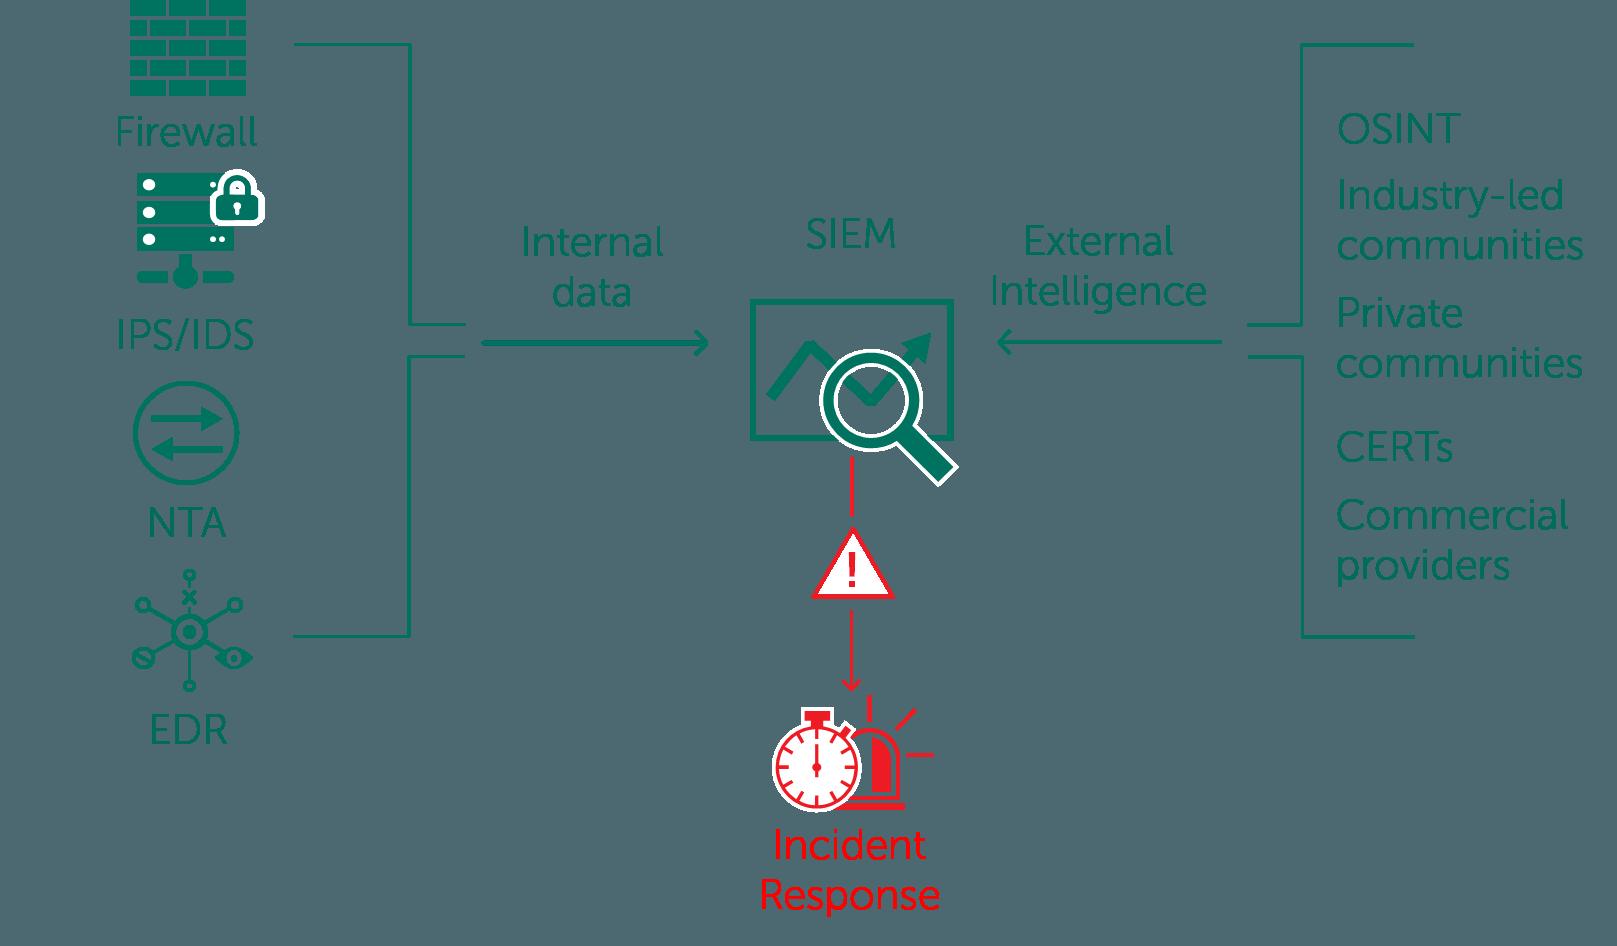 Оперирование данными об угрозах, получаемыми из внутренних и внешних источников